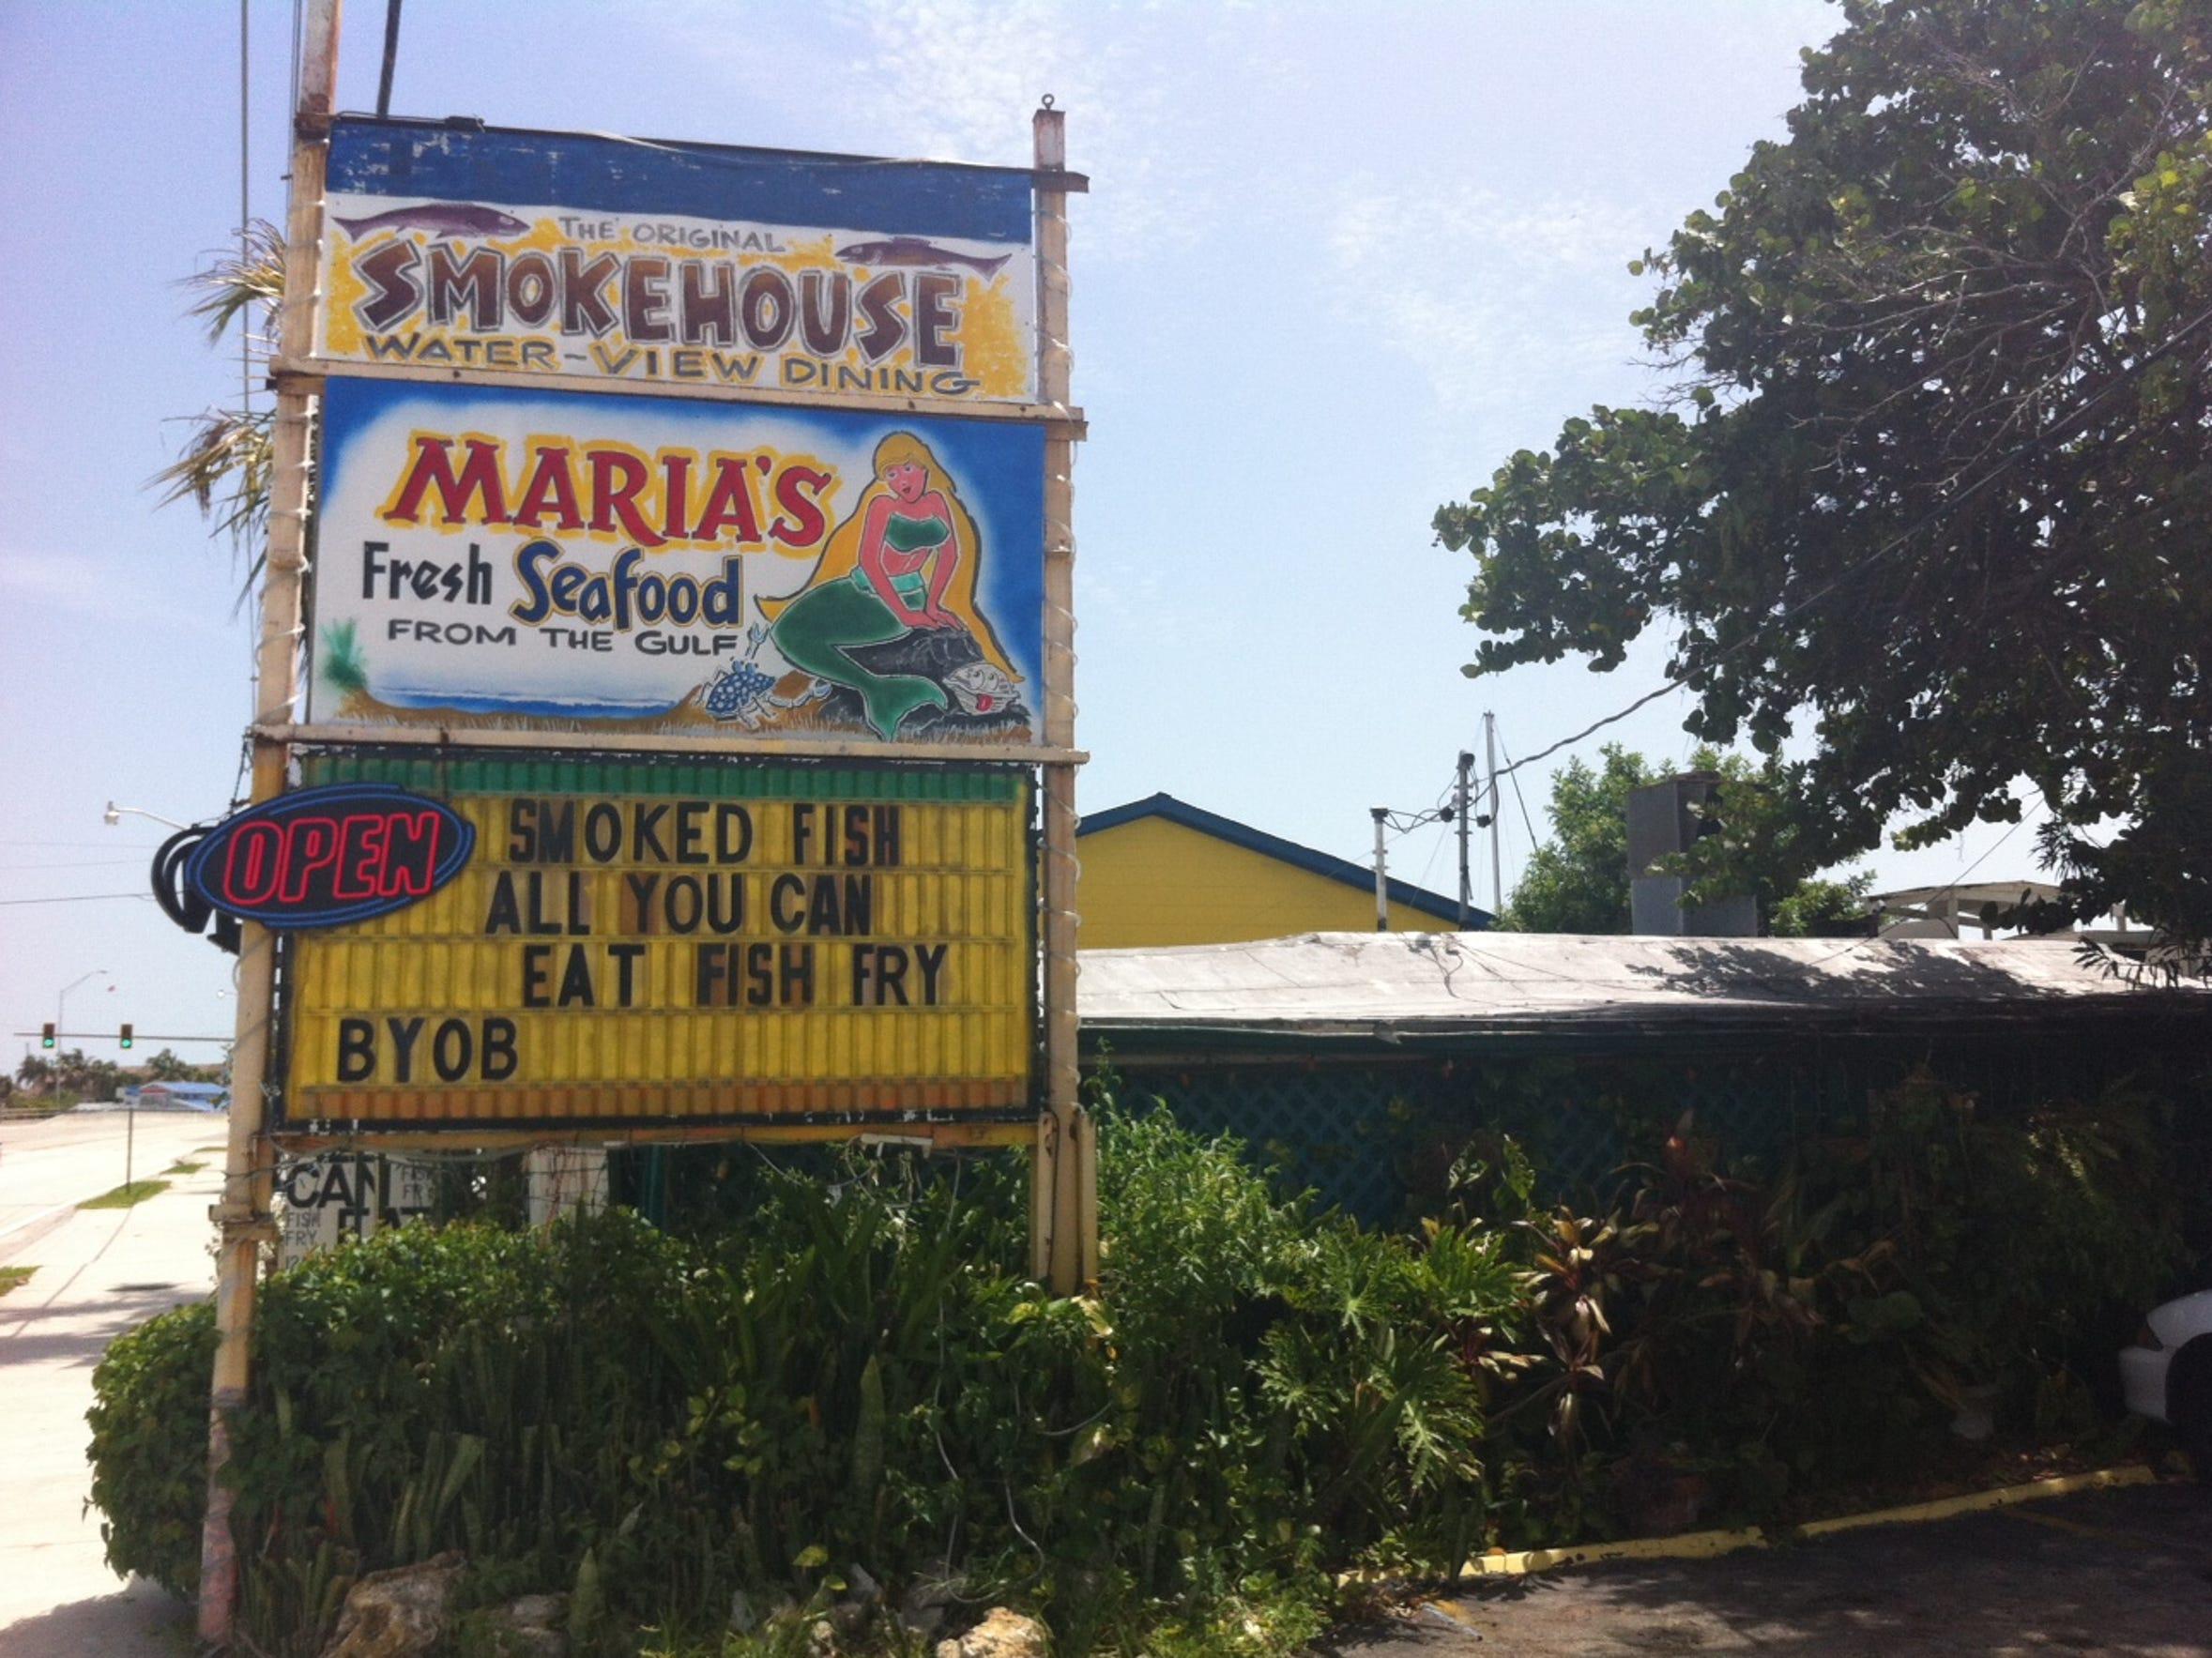 Maria's Smokehouse